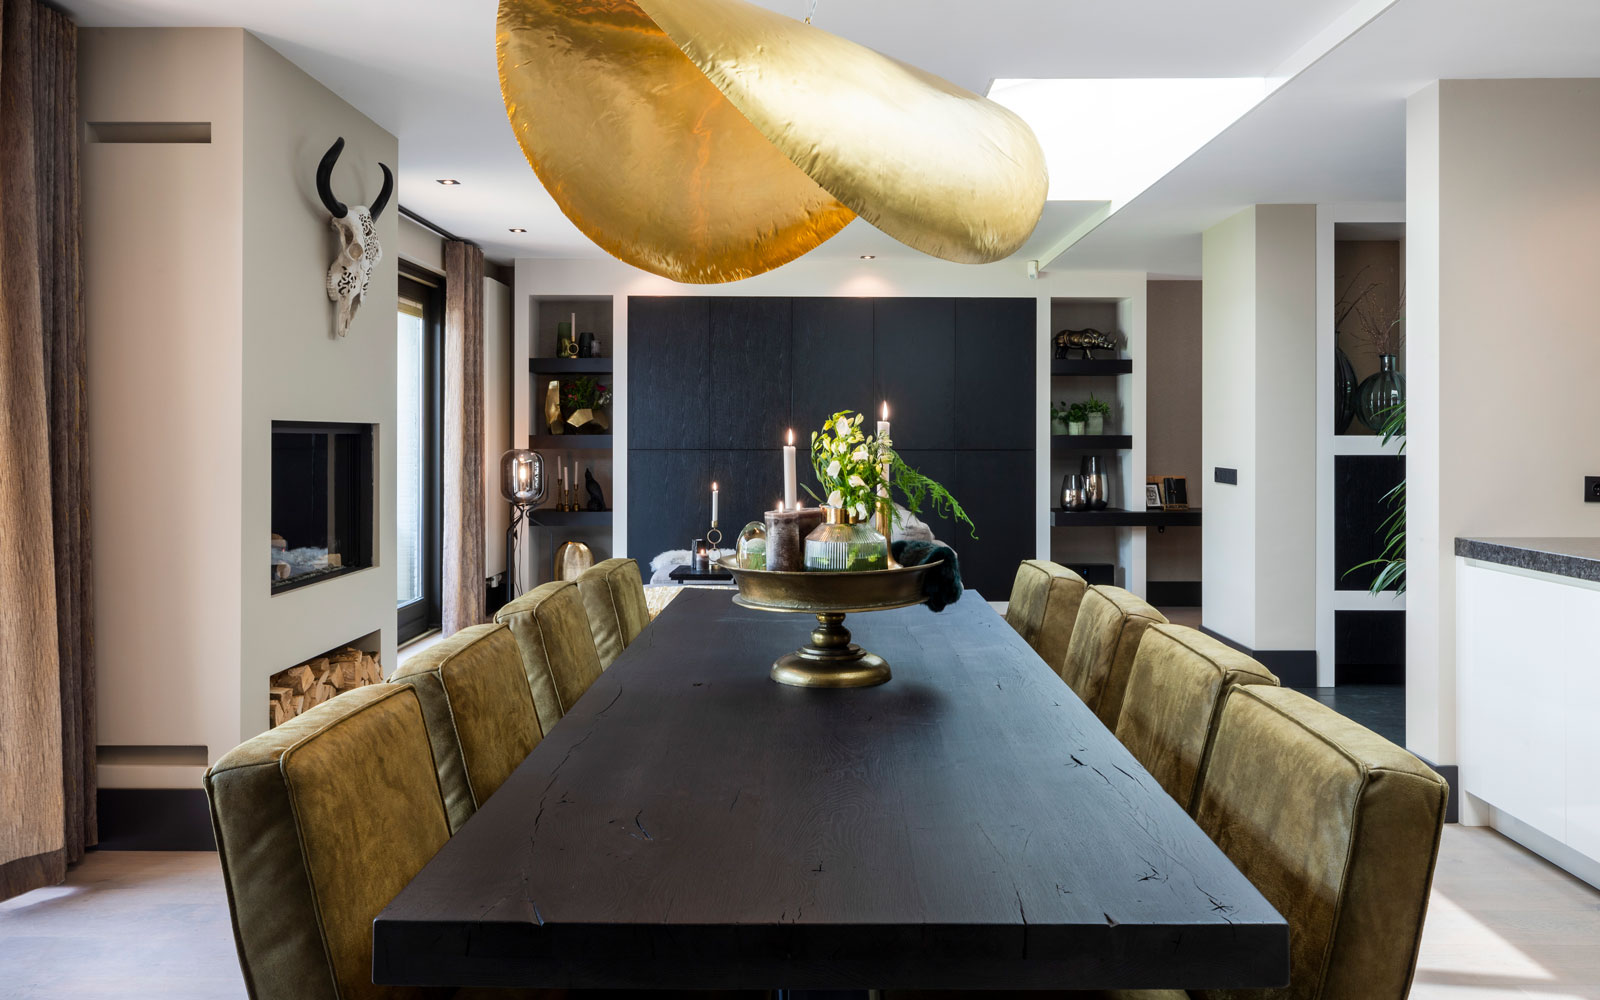 woonkamer inspiratie, hemels wonen, exclusief, zwembad, hoogwaardige materialen, modern